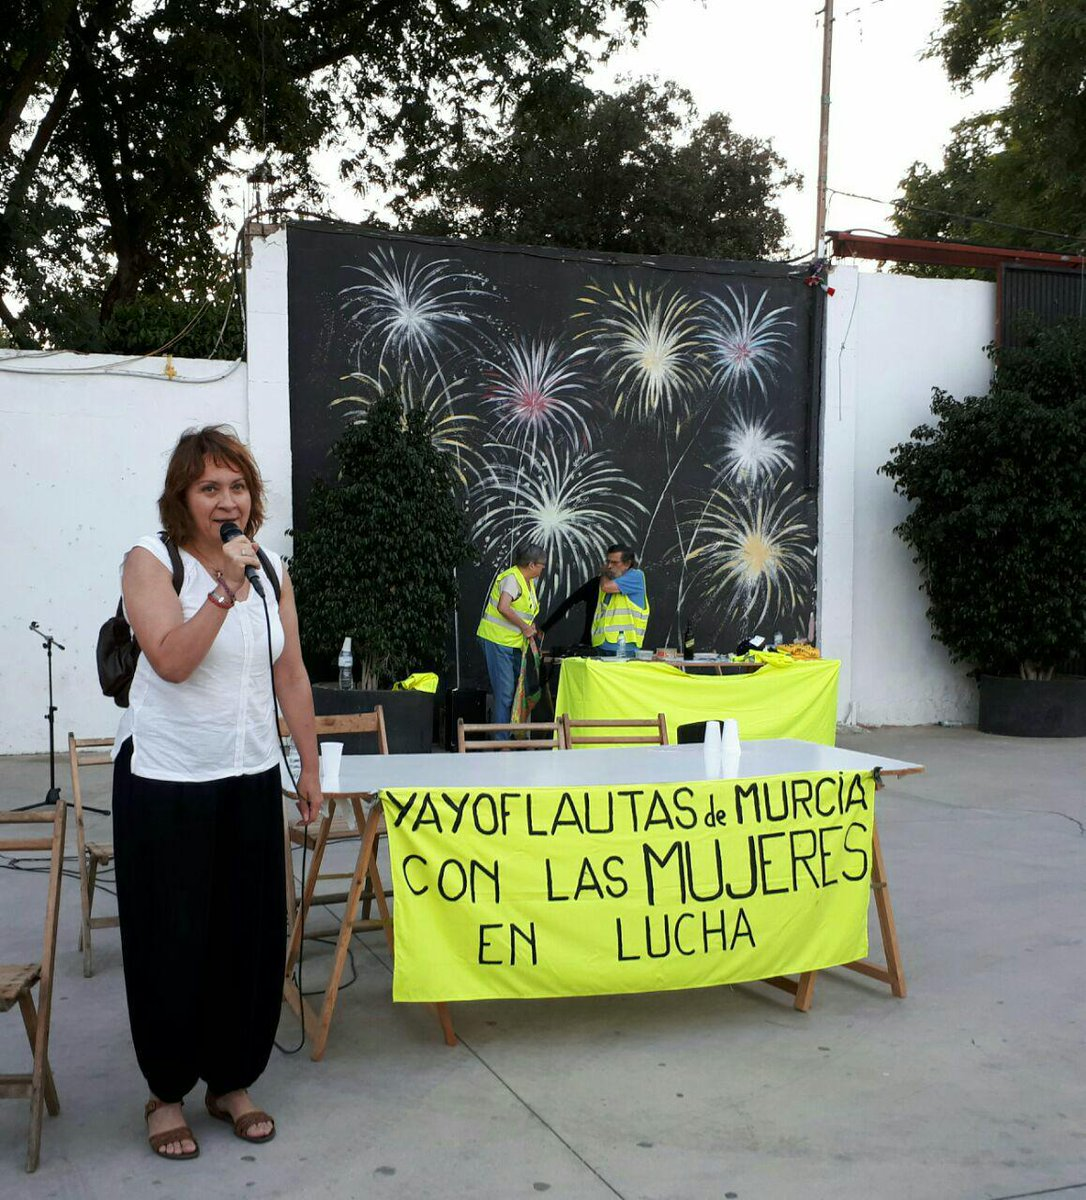 La Secretaria de Dchos. Sociales @MariaMarinMart agradeciendo a @yayoflautasmur la invitación a @PodemosRM. https://t.co/Tm2JR0XDsO